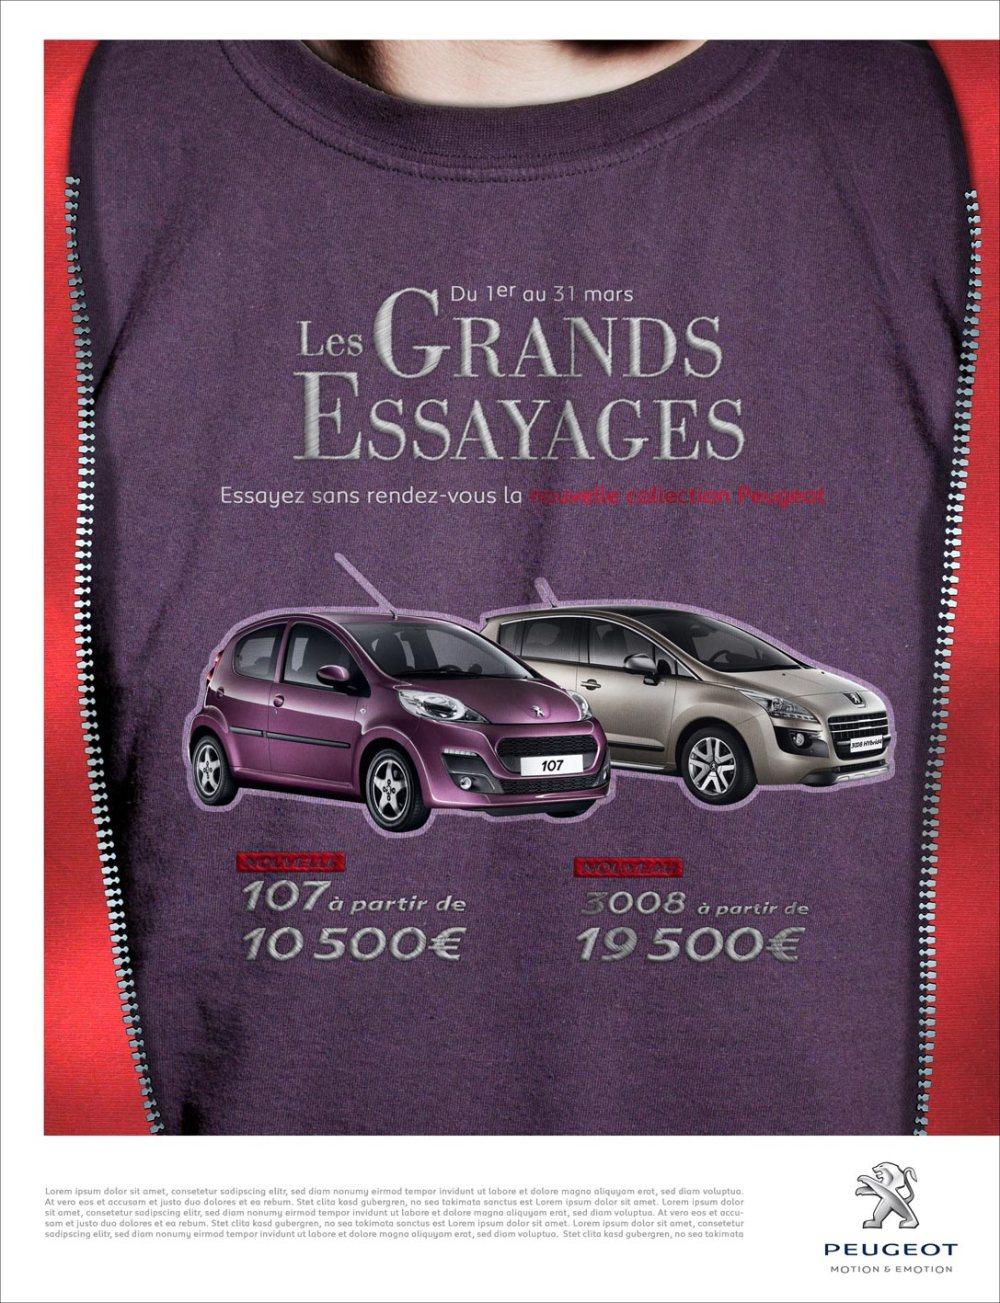 Peugeot Essayages 2